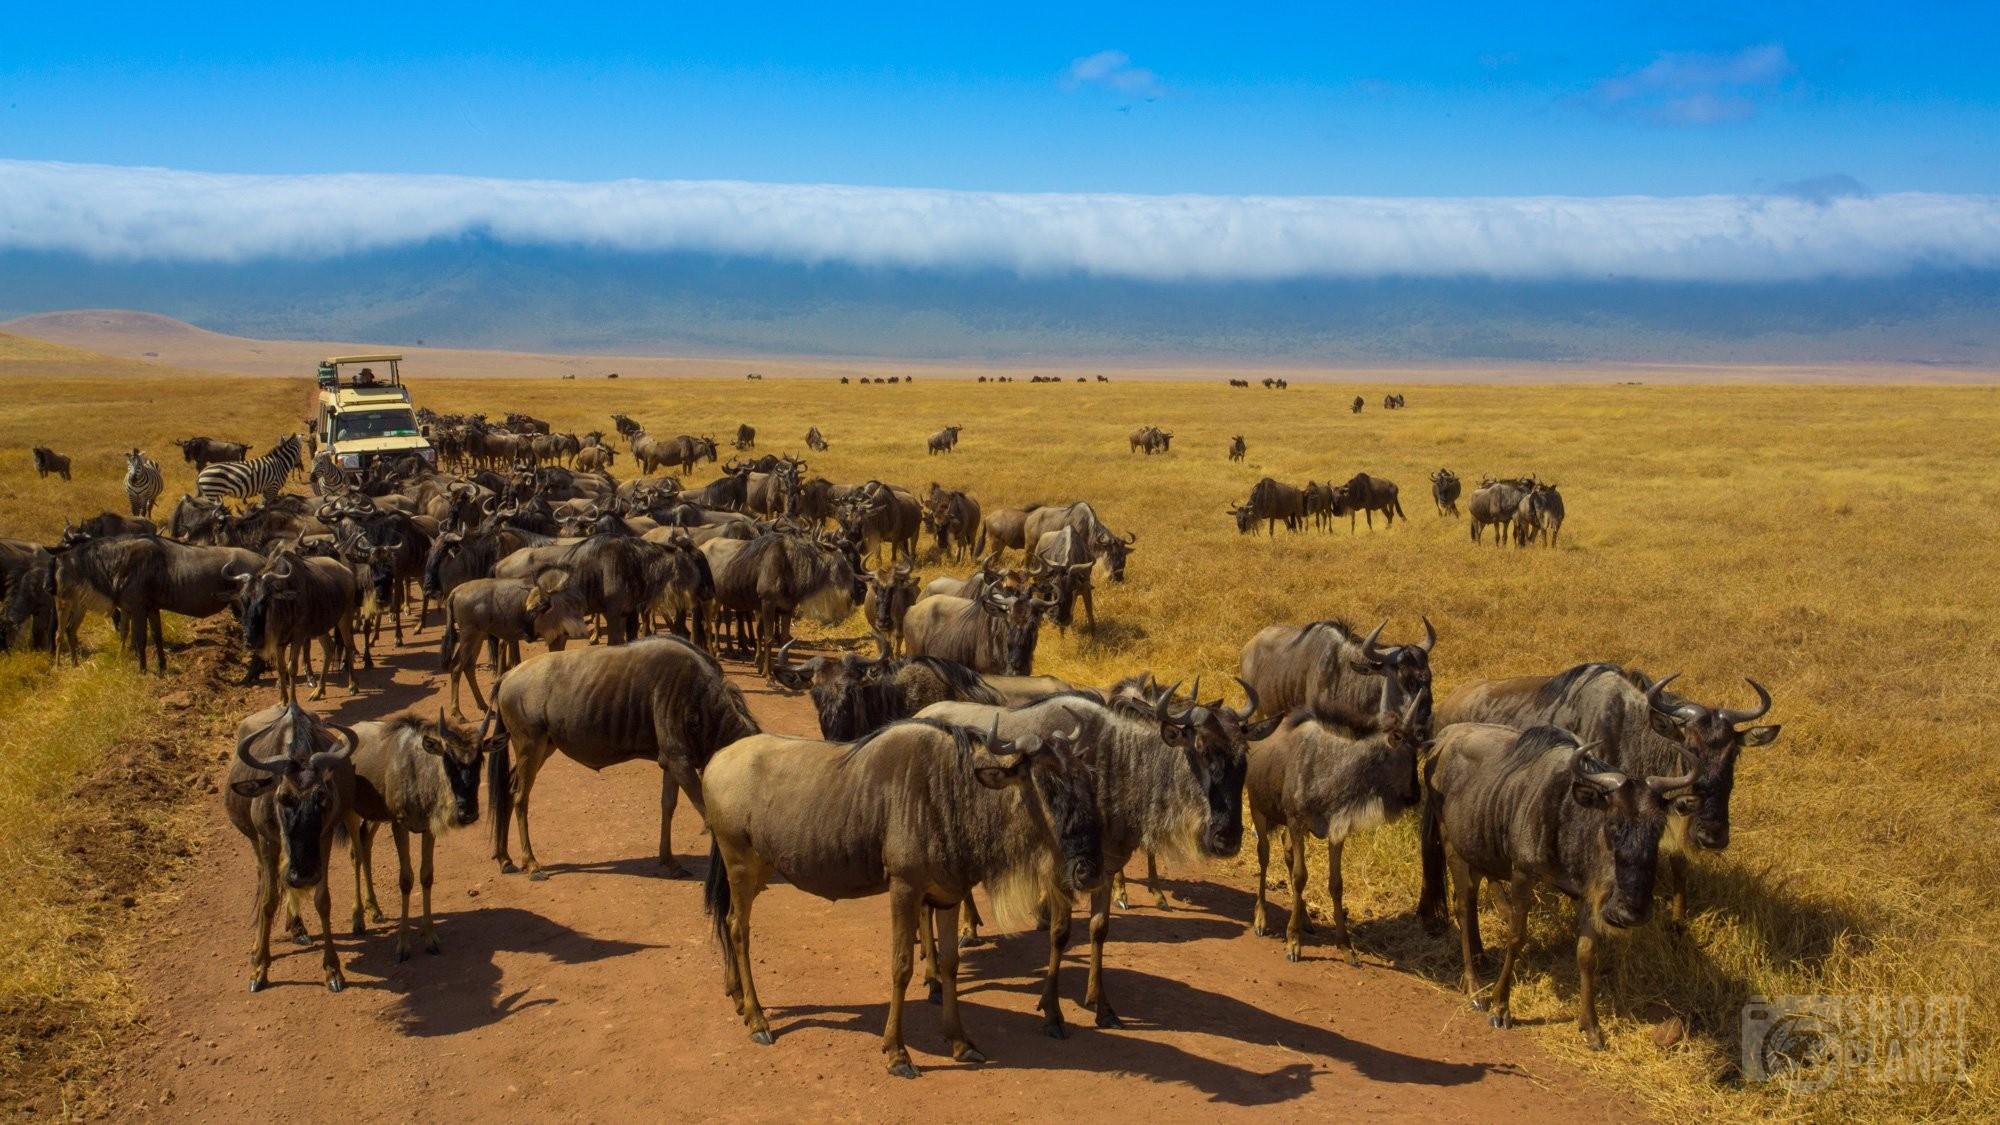 Wildebeests herd in Ngorongoro, Tanzania